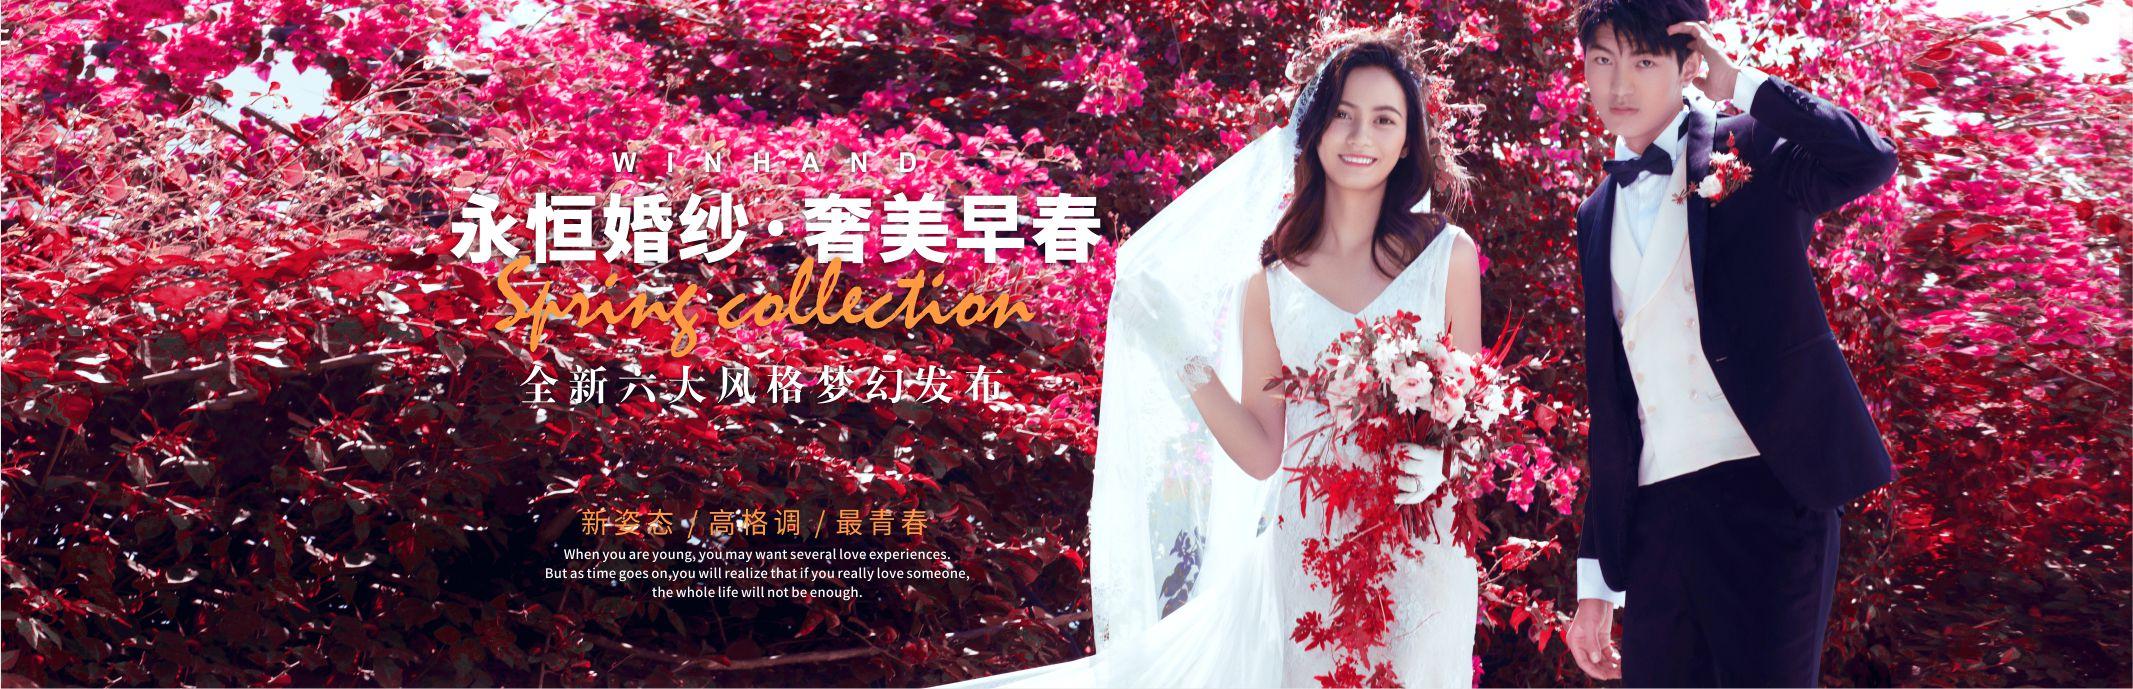 永恒婚纱摄影-全新六大风格梦幻发布